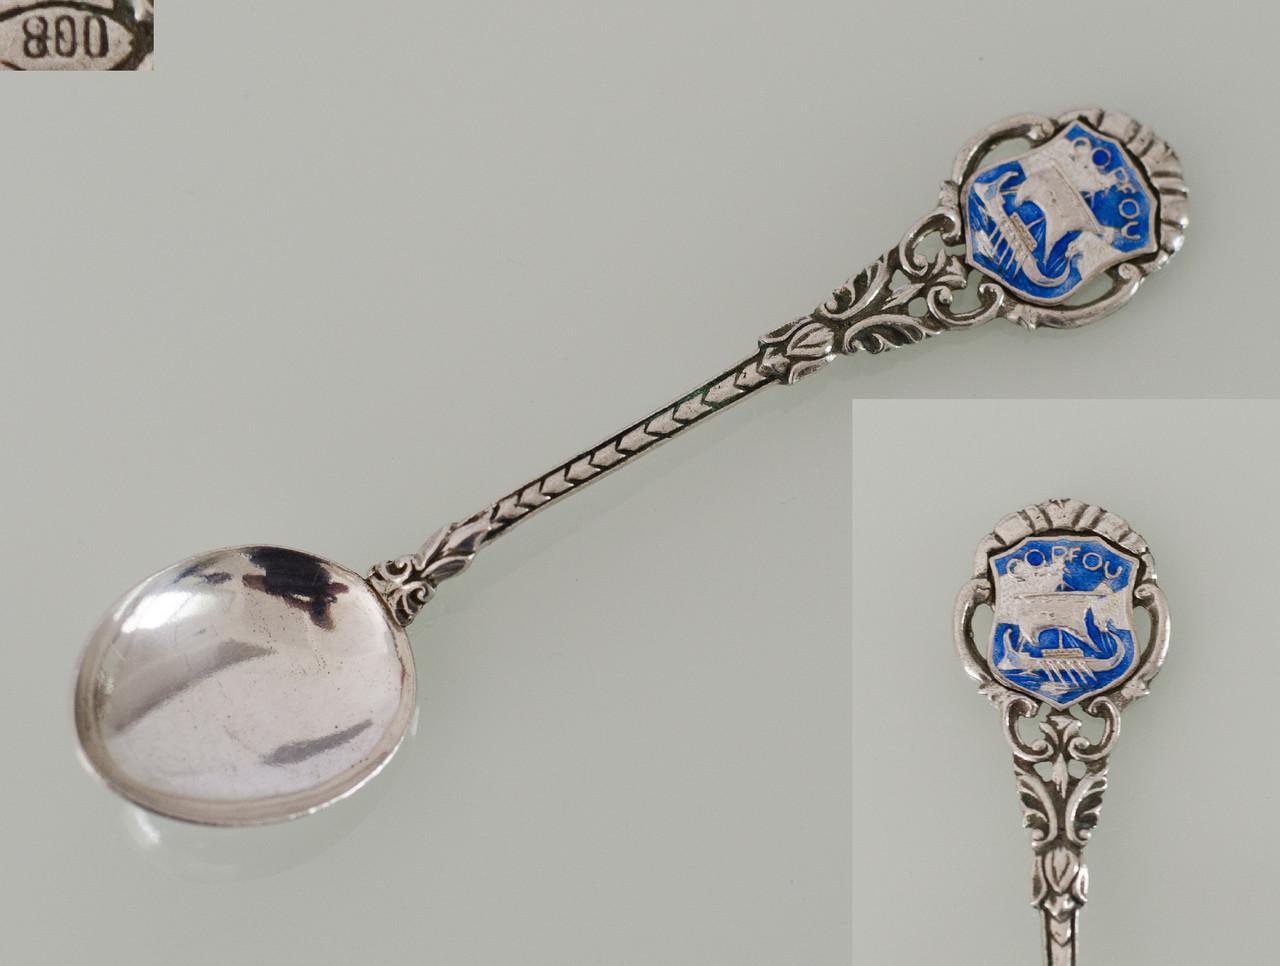 Винтажная сувенирная ложка, серебро 800 пробы, Corfou, Греция